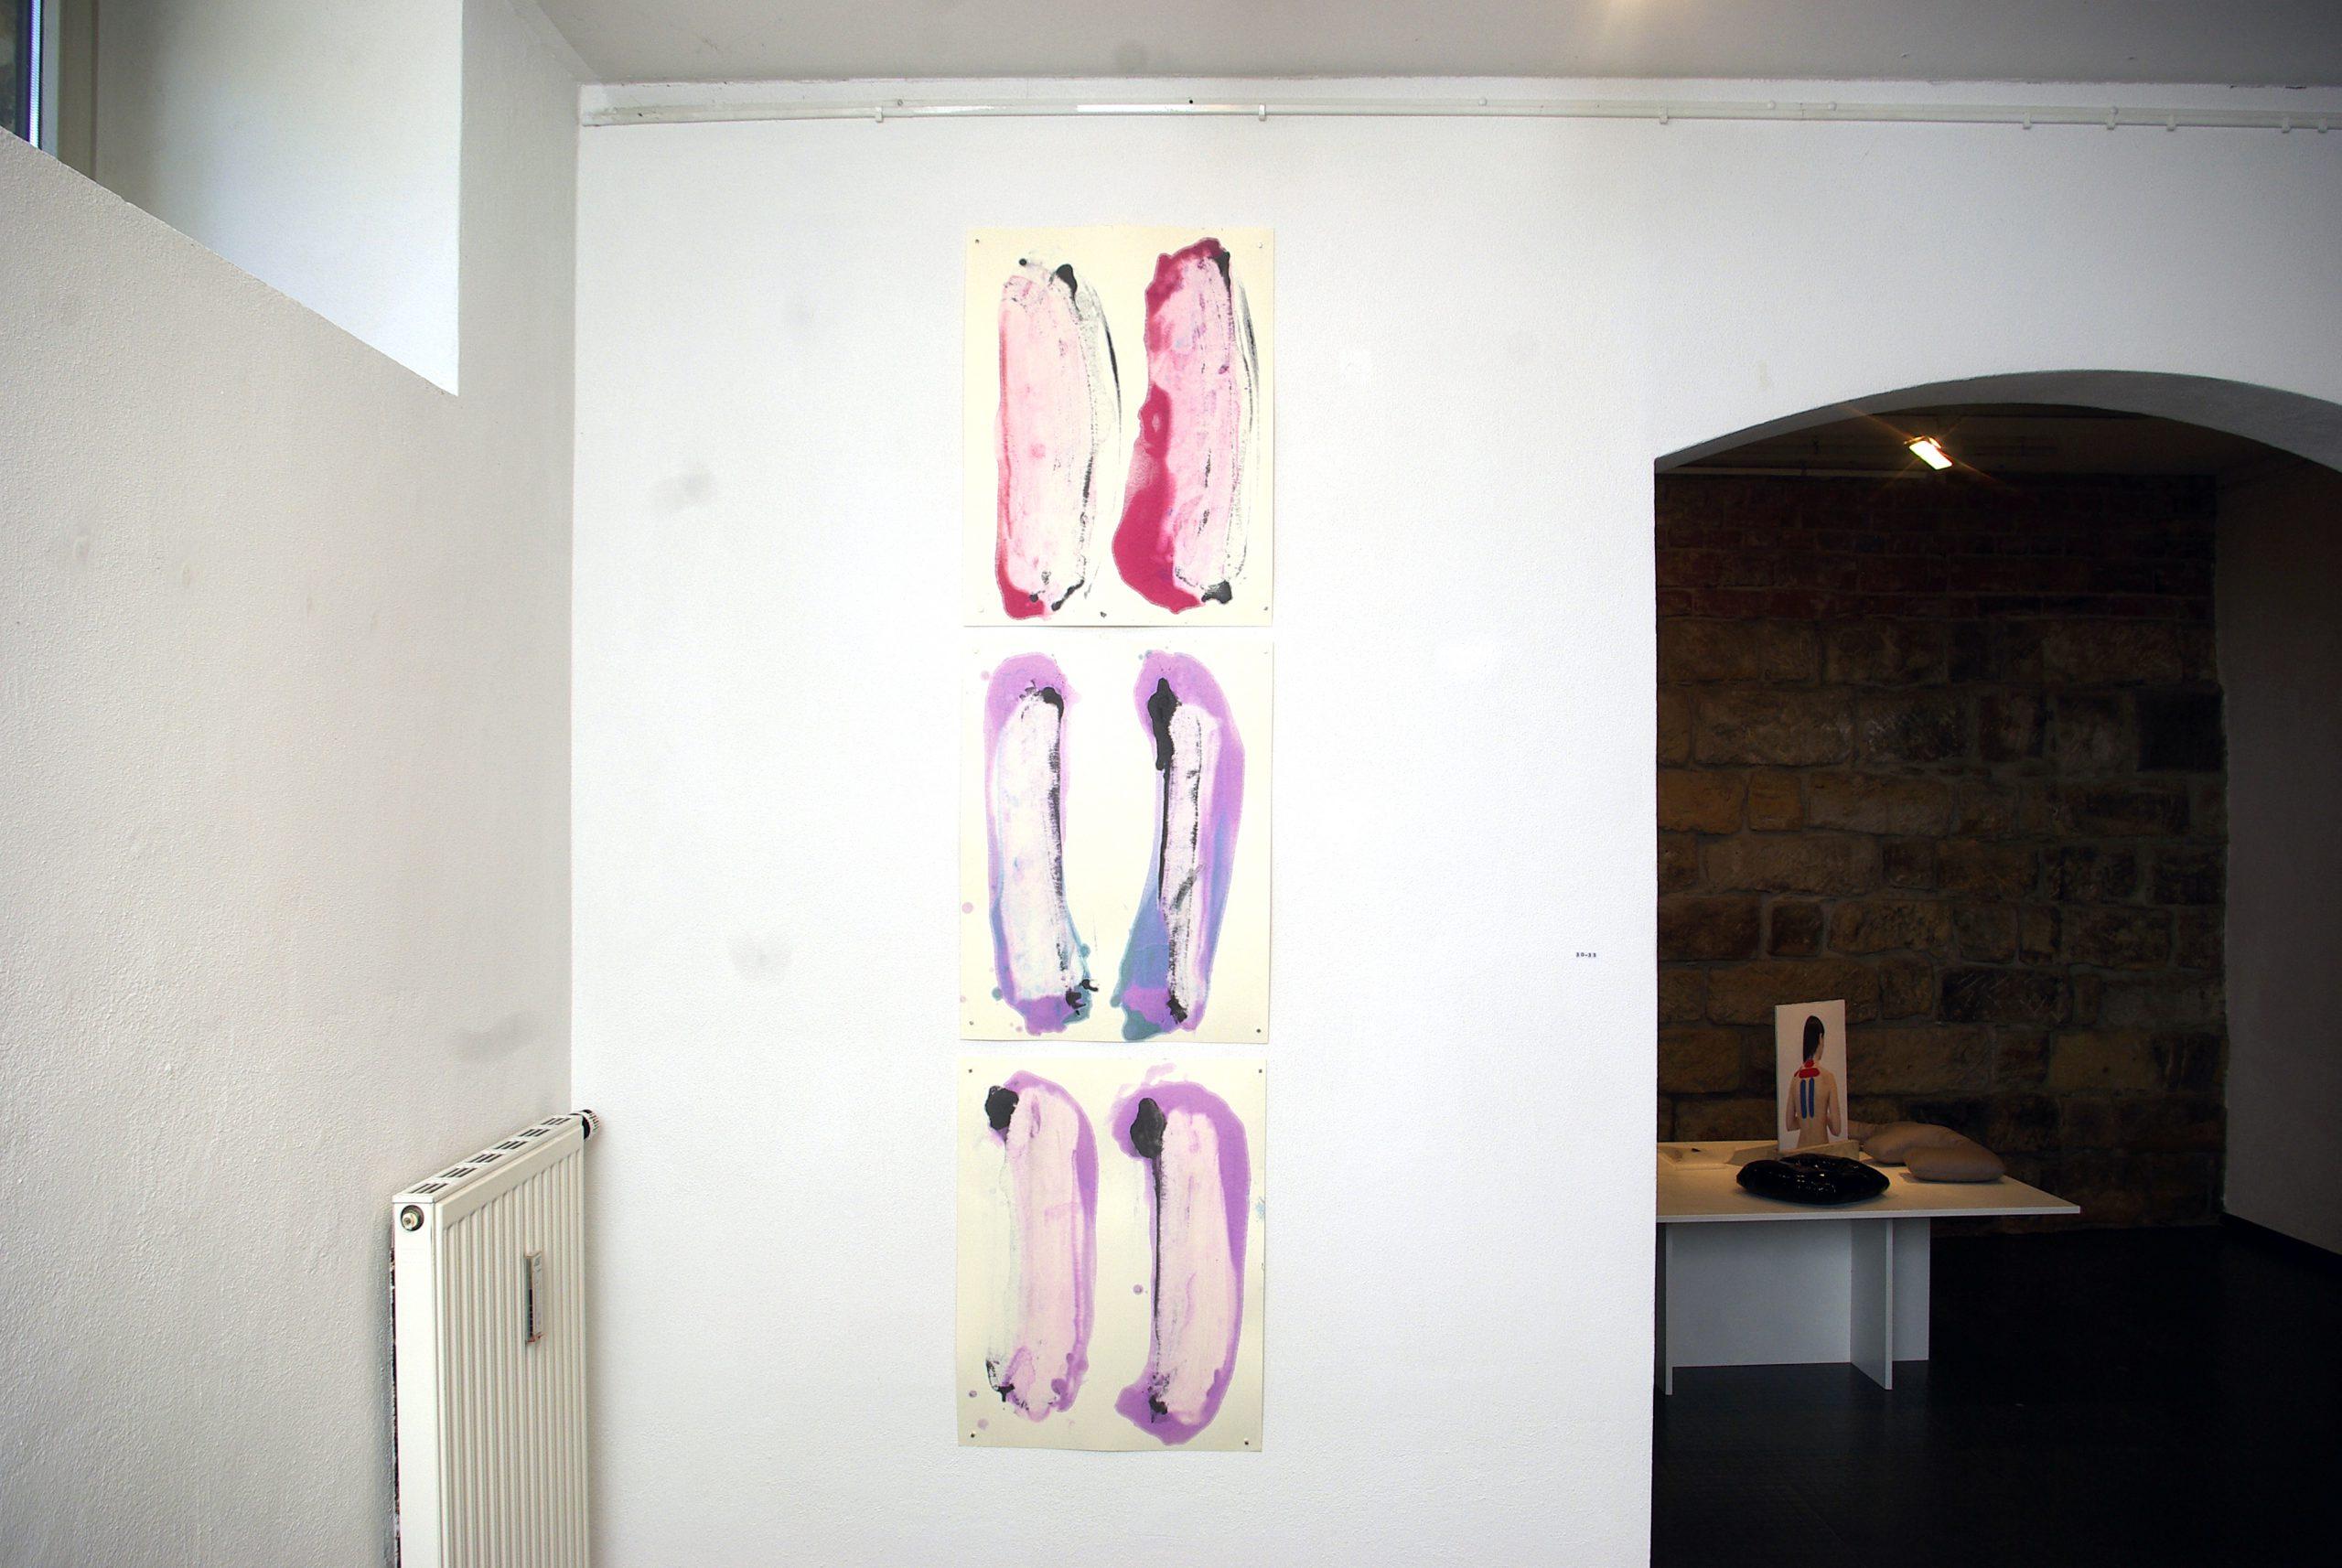 Maria Katharina Morgenstern - o.T. (Ausstellungsansicht) - 2019 - Tusche auf Papier - 65 x 50 cm